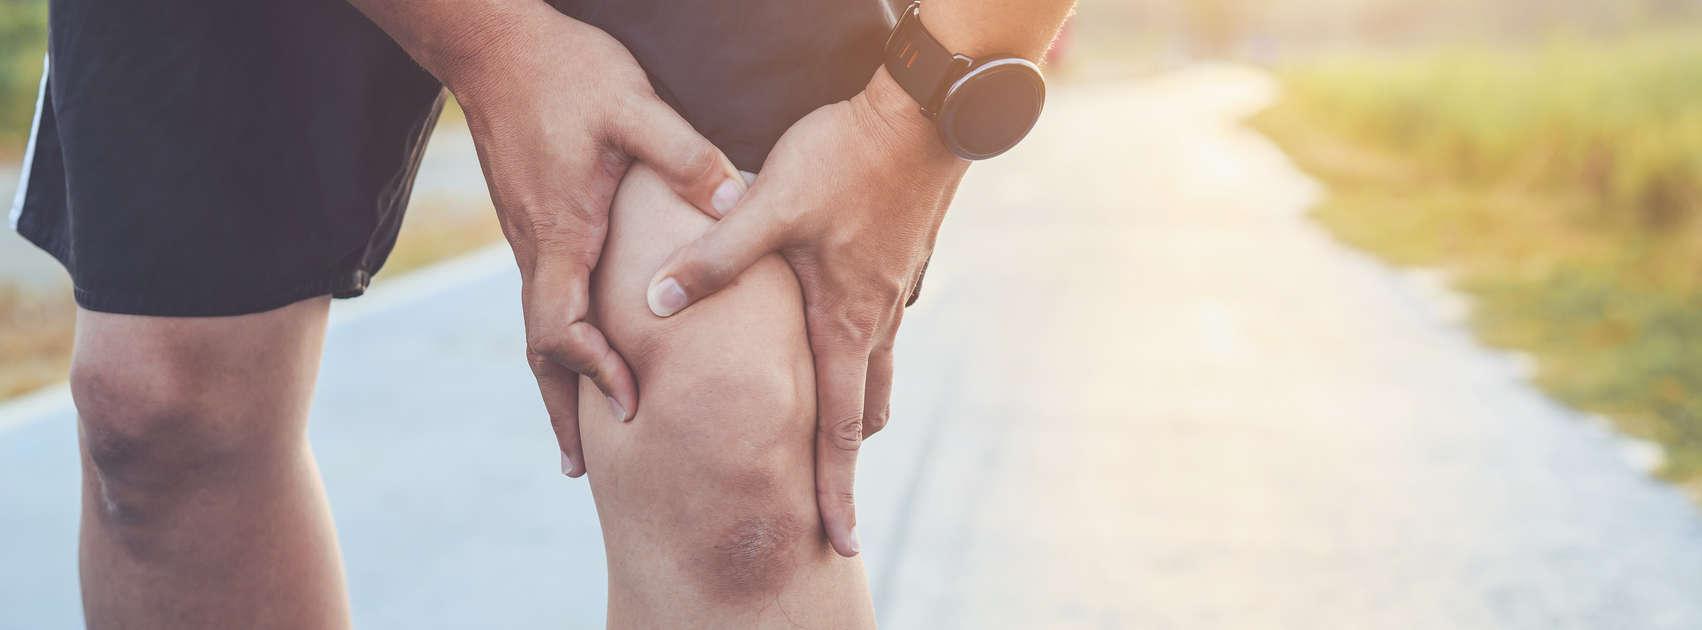 Waarom doet mijn knie pijn en wat kan ik doen?